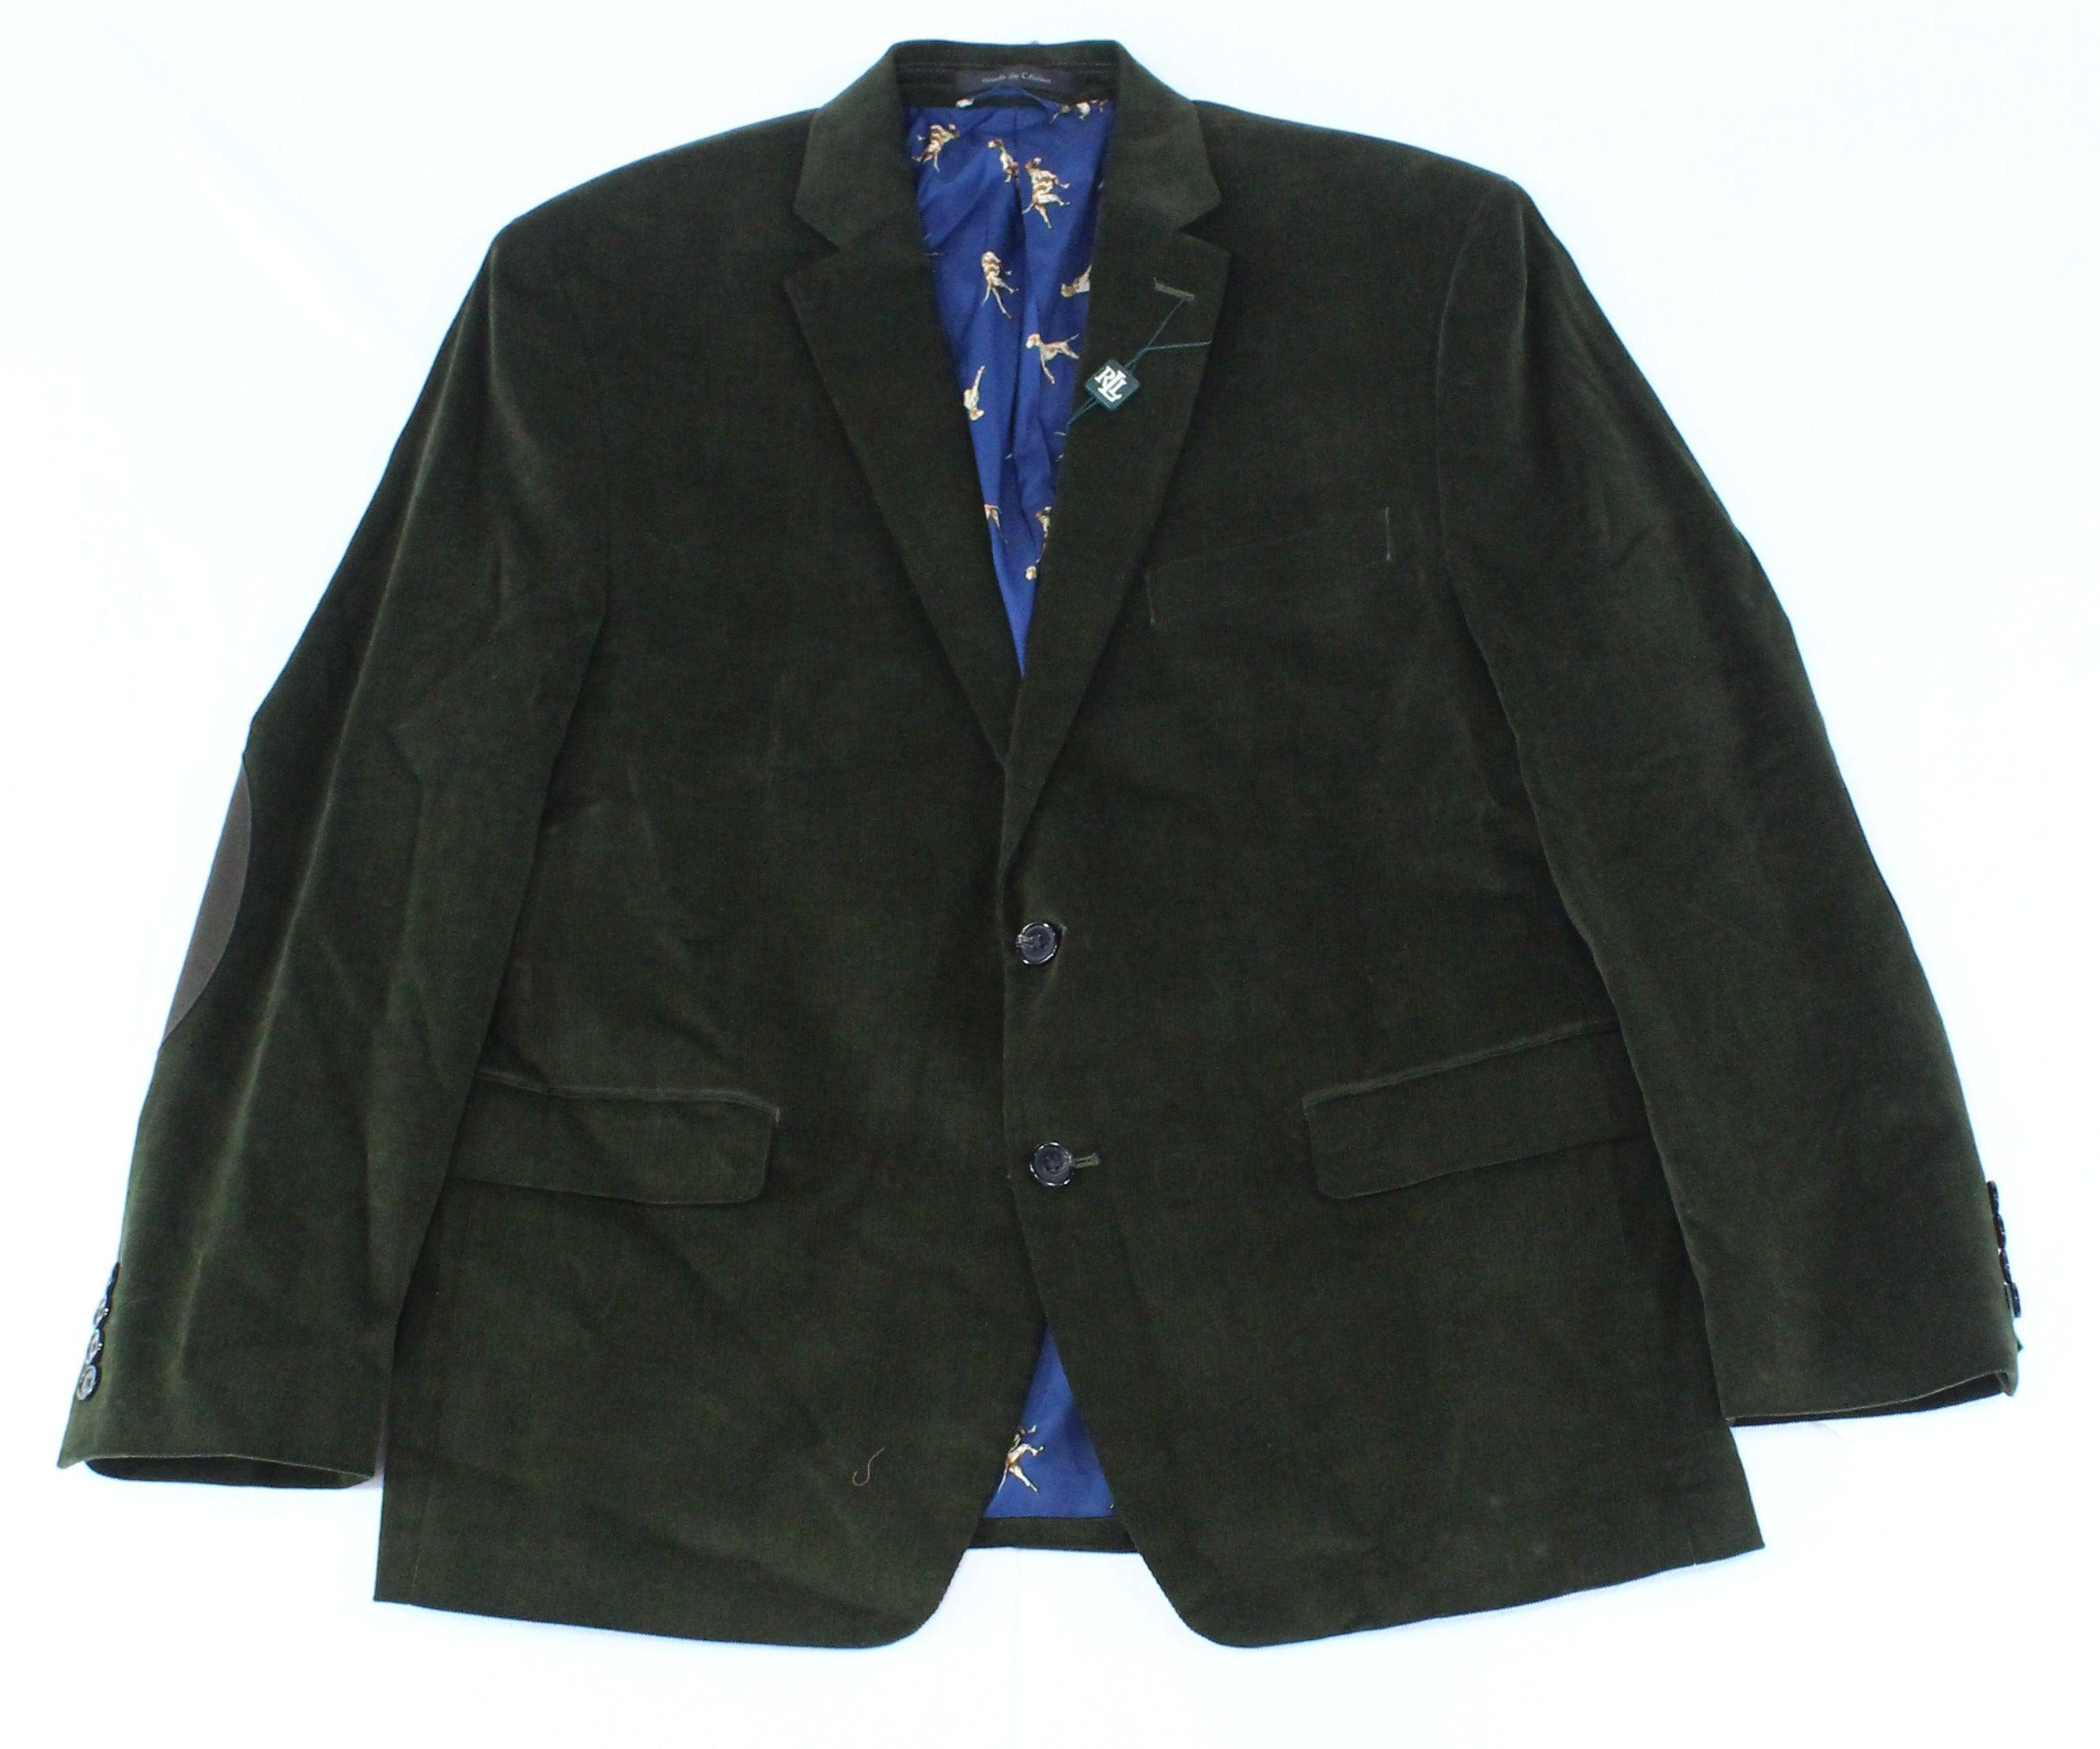 Lauren by Ralph Lauren Mens Overcoat Deep Green Size 38S Corduroy